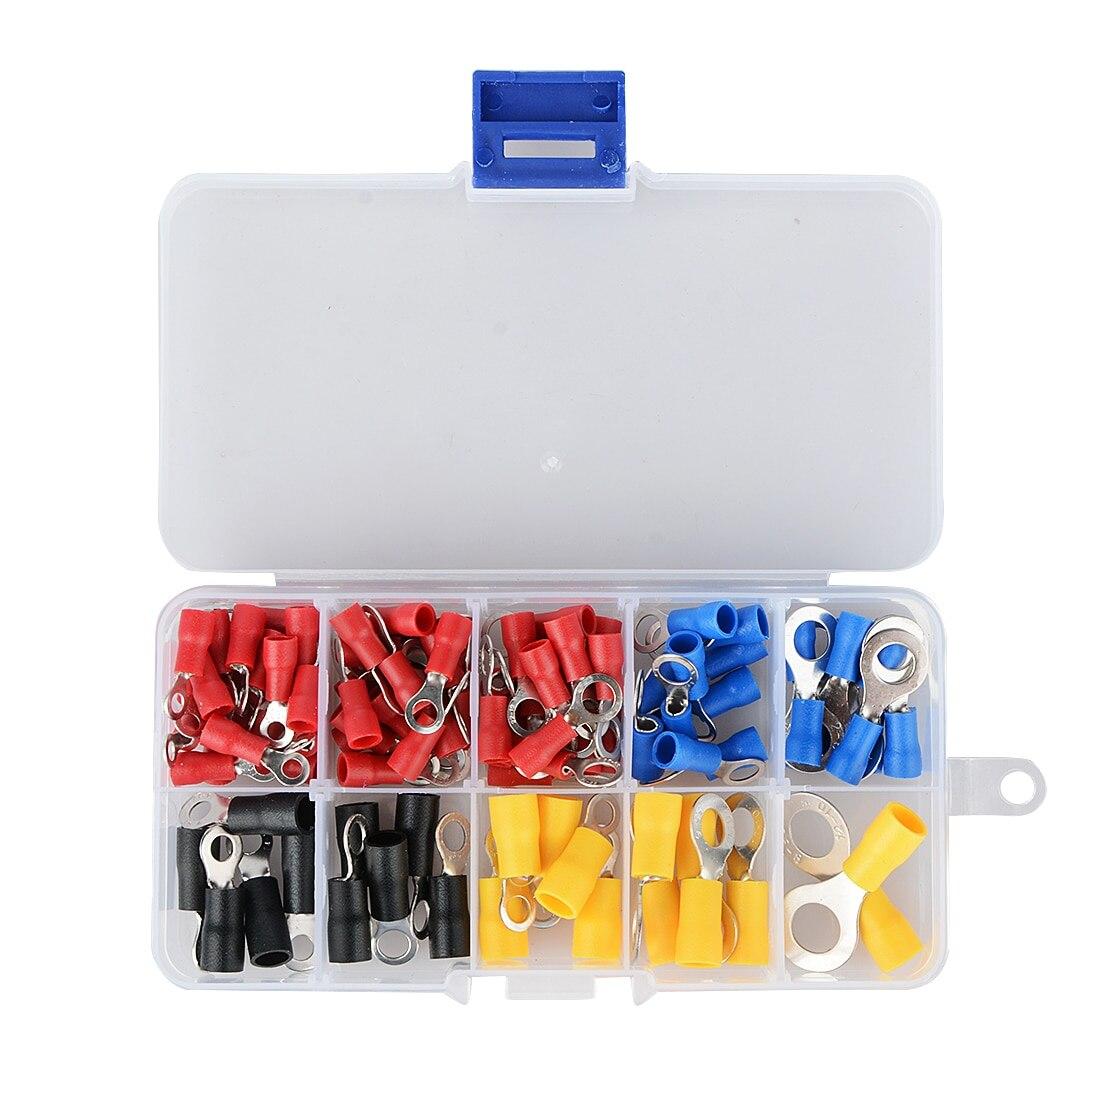 (102 Pcs 10 Arten Rv) Ring Terminal Elektrische Crimp Stecker Kit Set Mit Box, Kupfer Draht Isolierte Cord Pin End Butt Geschickte Herstellung